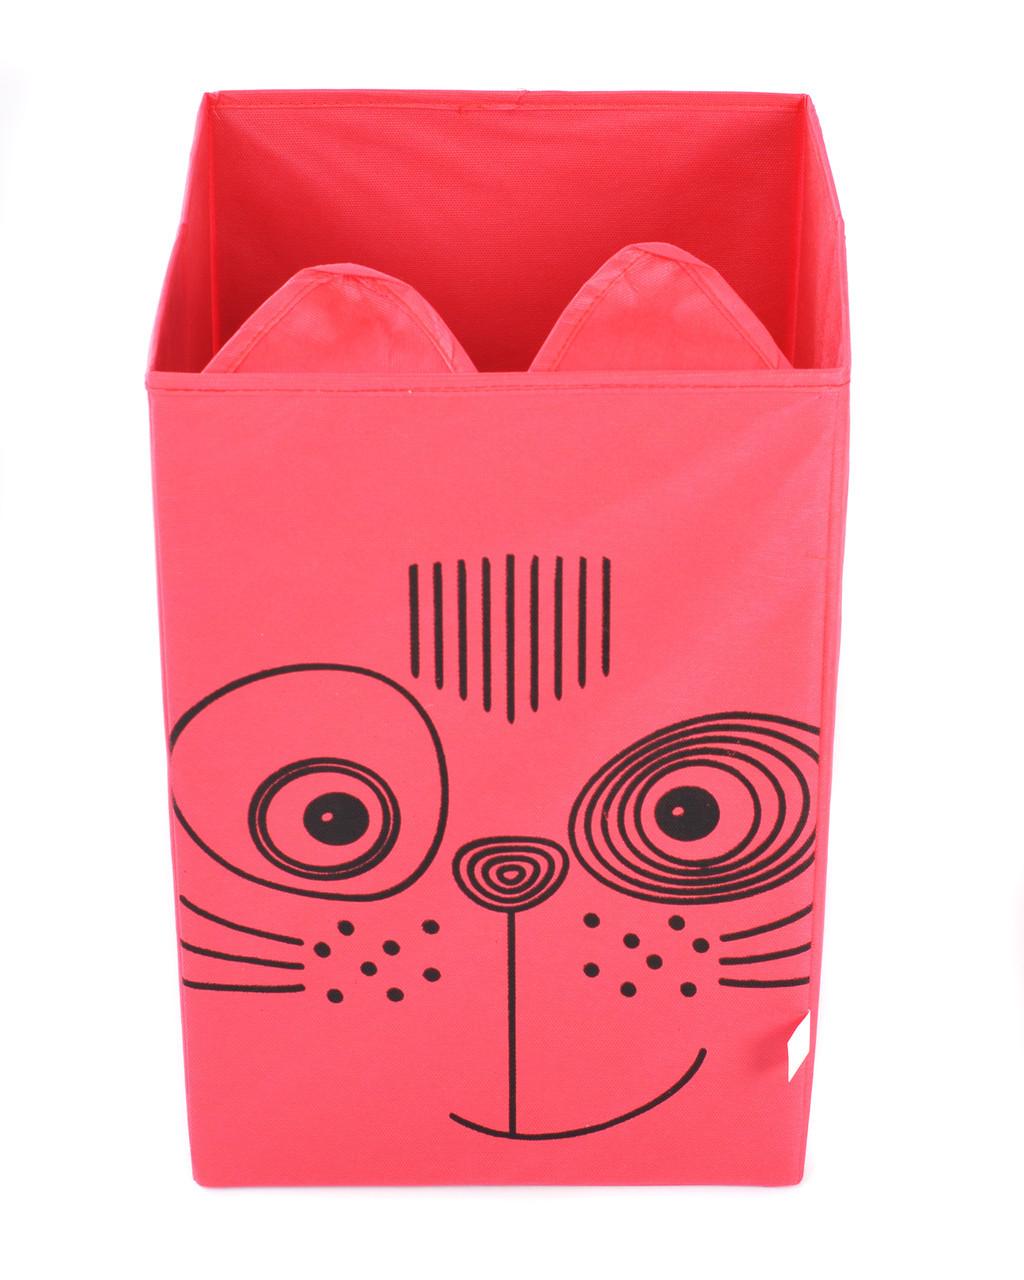 Ящик для зберігання іграшок, 25*25*38 см, Зоопарк Кіт (без кришки)